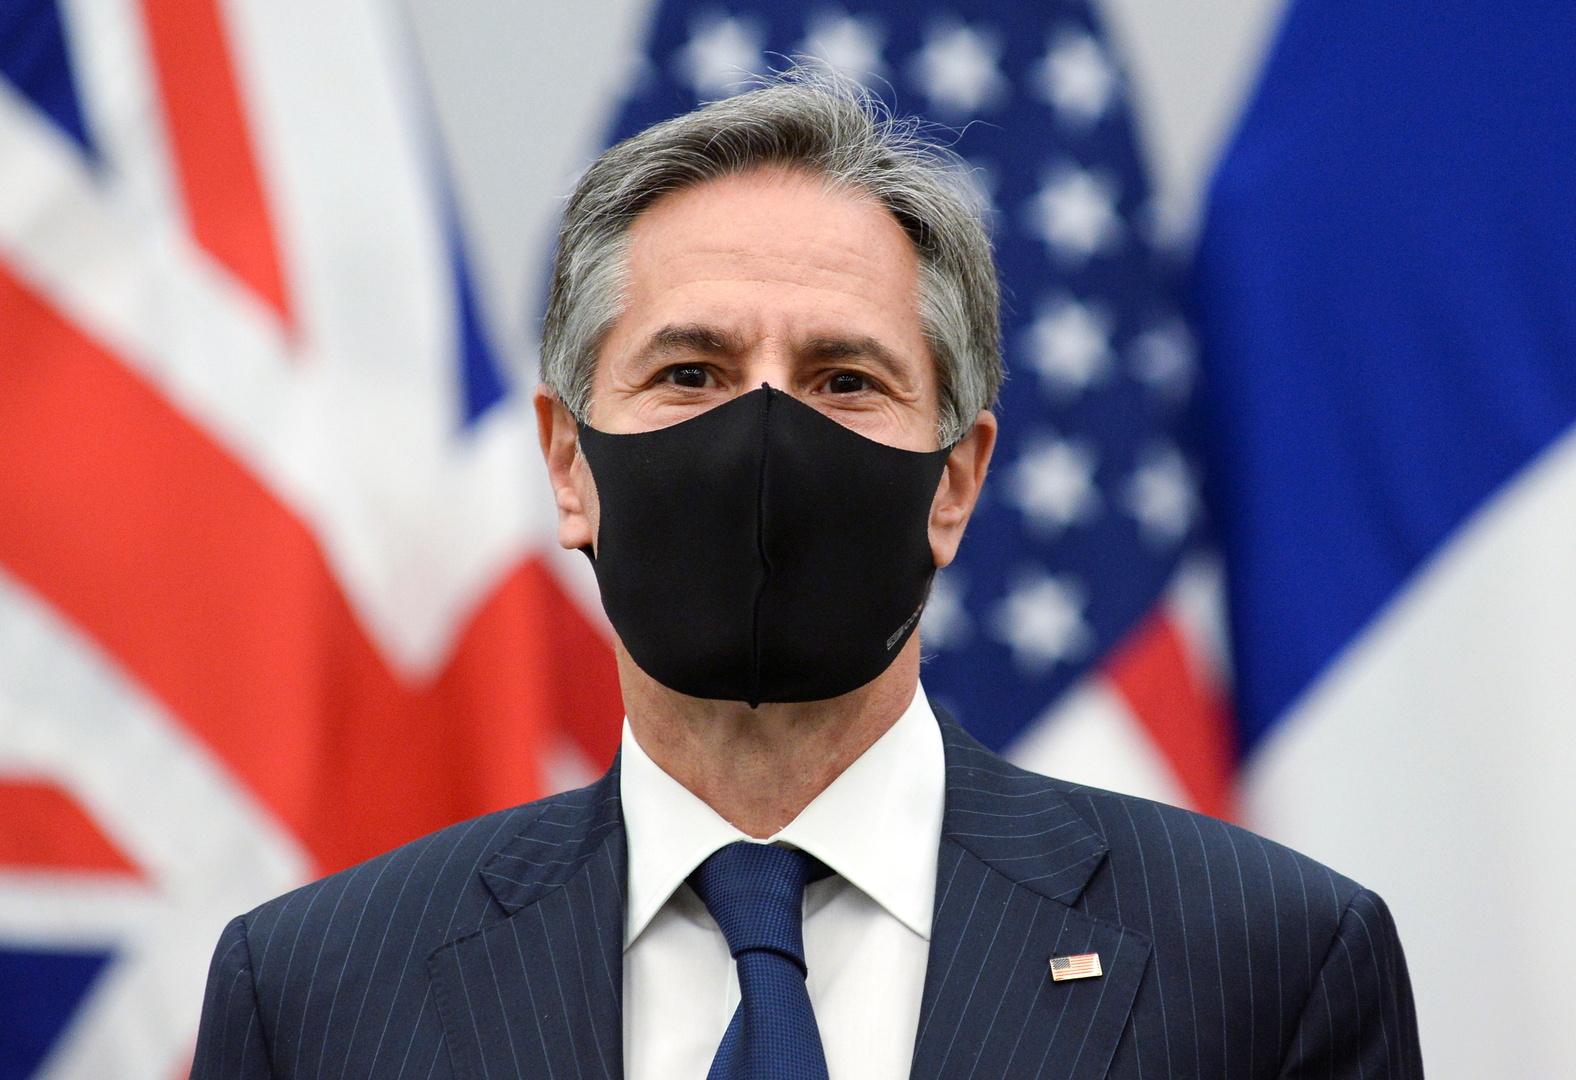 وزير الخارجية الأمريكي يصل إلى كابل في زيارة غير معلنة